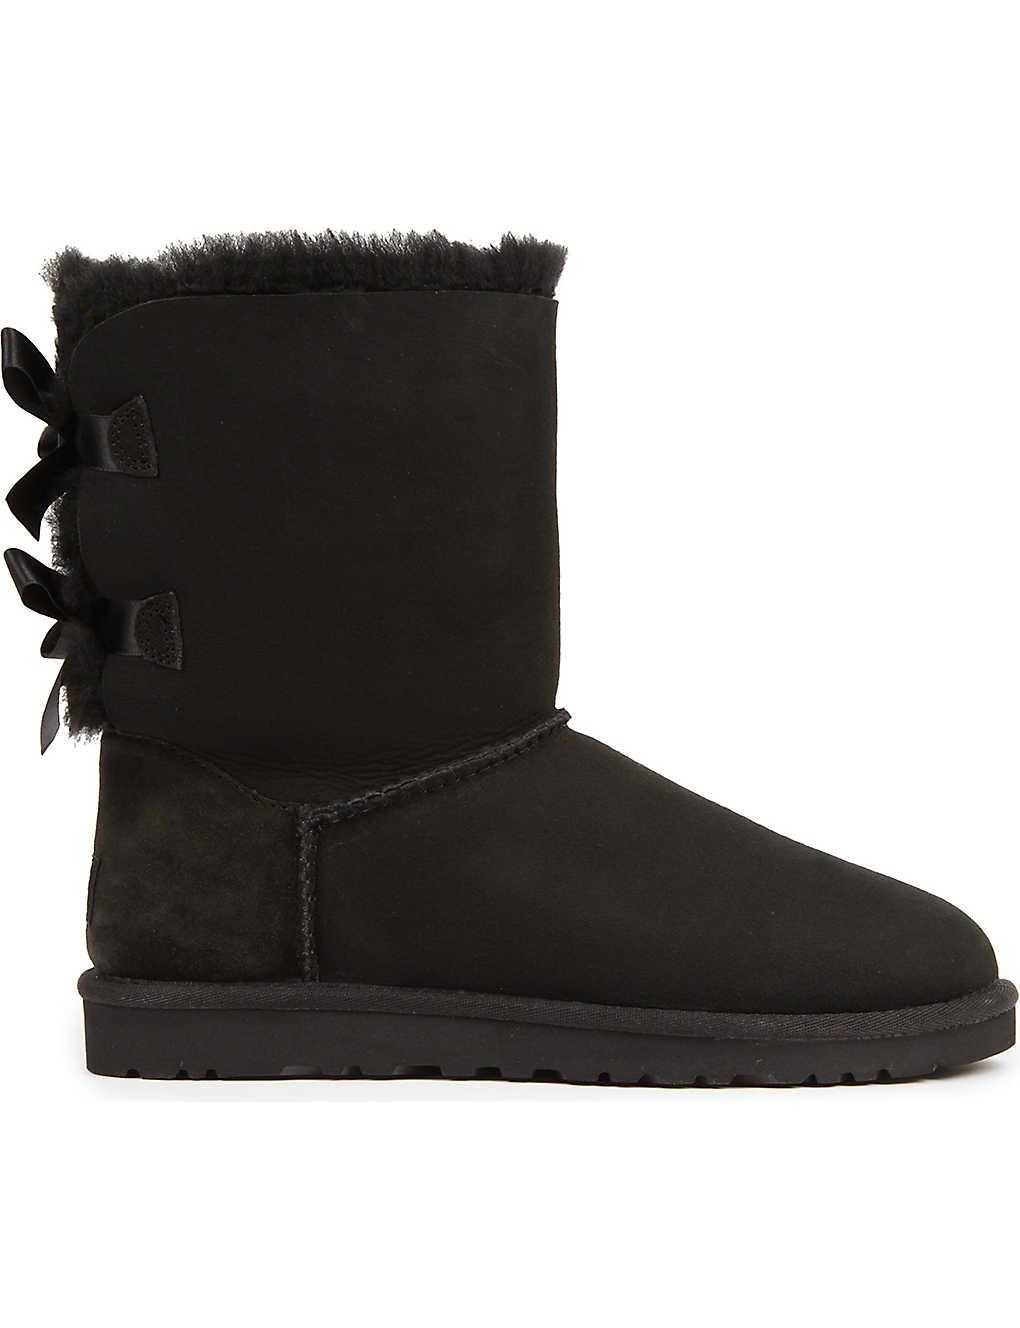 c1269069ad9 Bailey Bow sheepskin boots